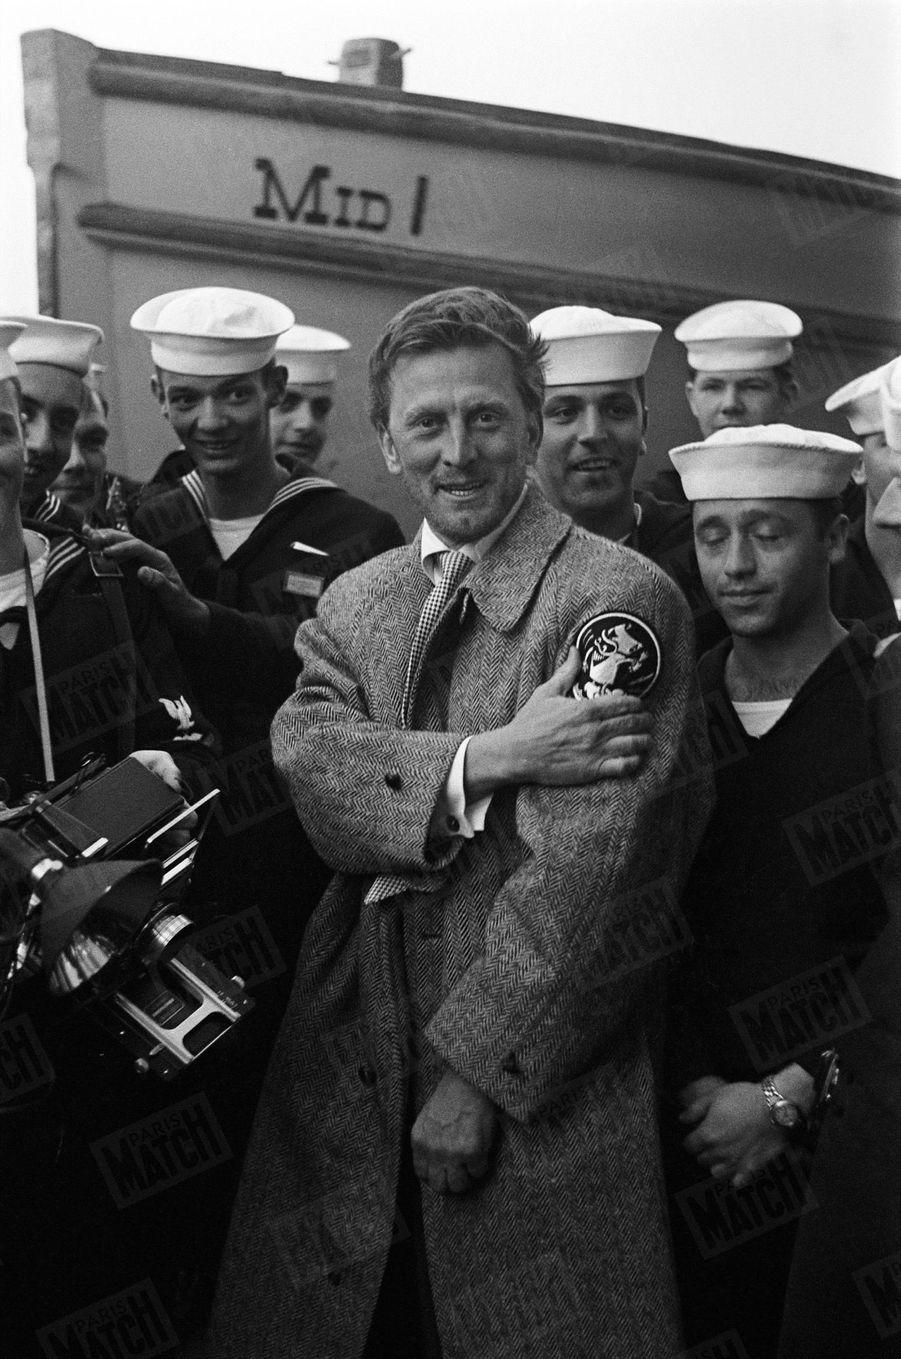 Kirk Douglas en compagnie des matelots du porte-avion américain USS Midway, lors de son premier rendez-vous avec Paris Match, au Festival de Cannes en avril 1953.